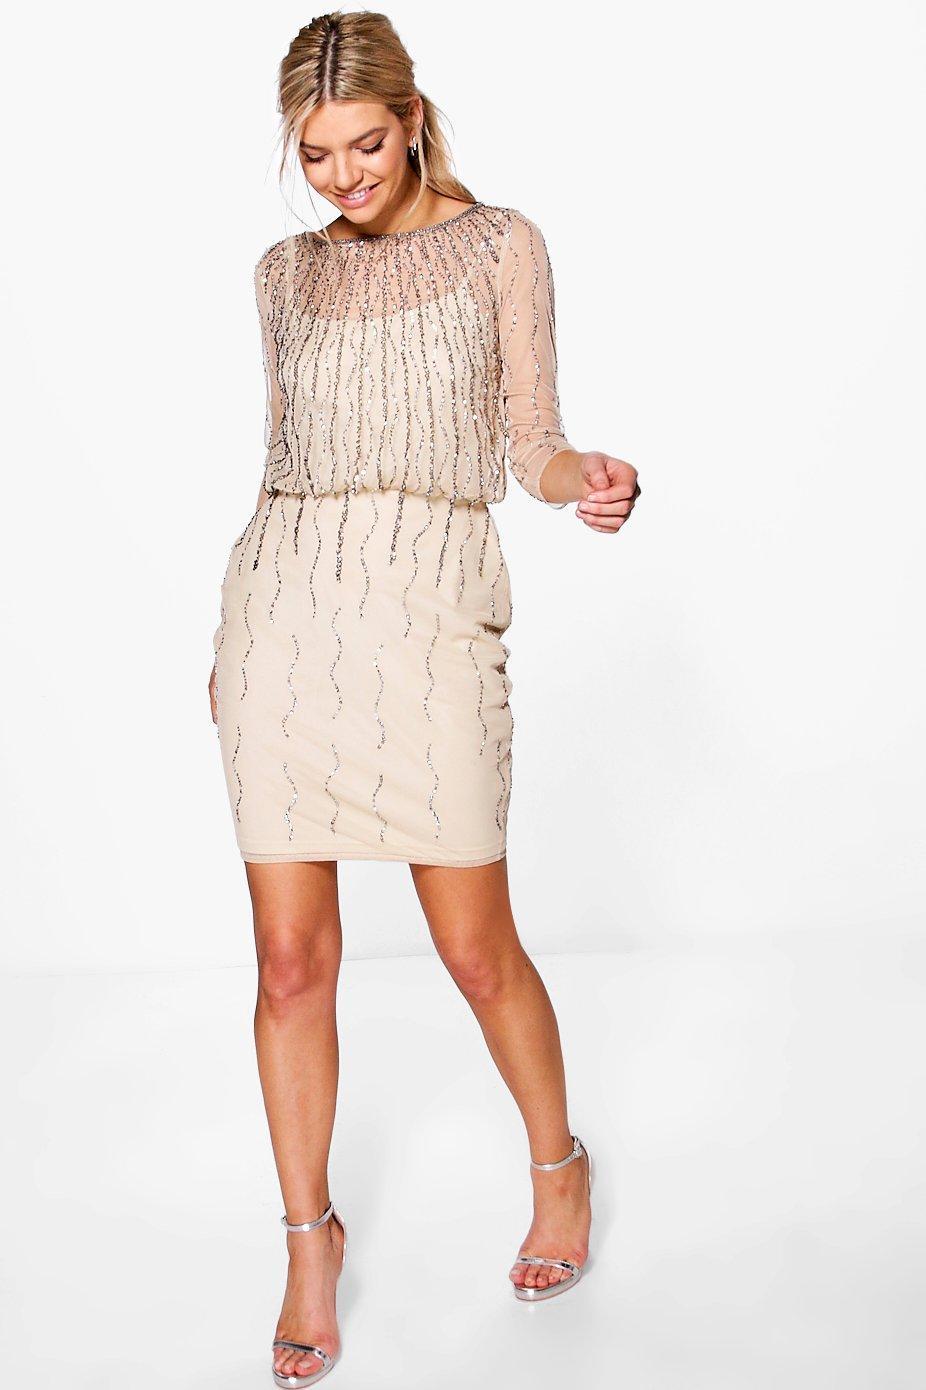 1920s Flapper Dresses Boutique Marlena Beaded Batwing Dress blush $70.00 AT vintagedancer.com